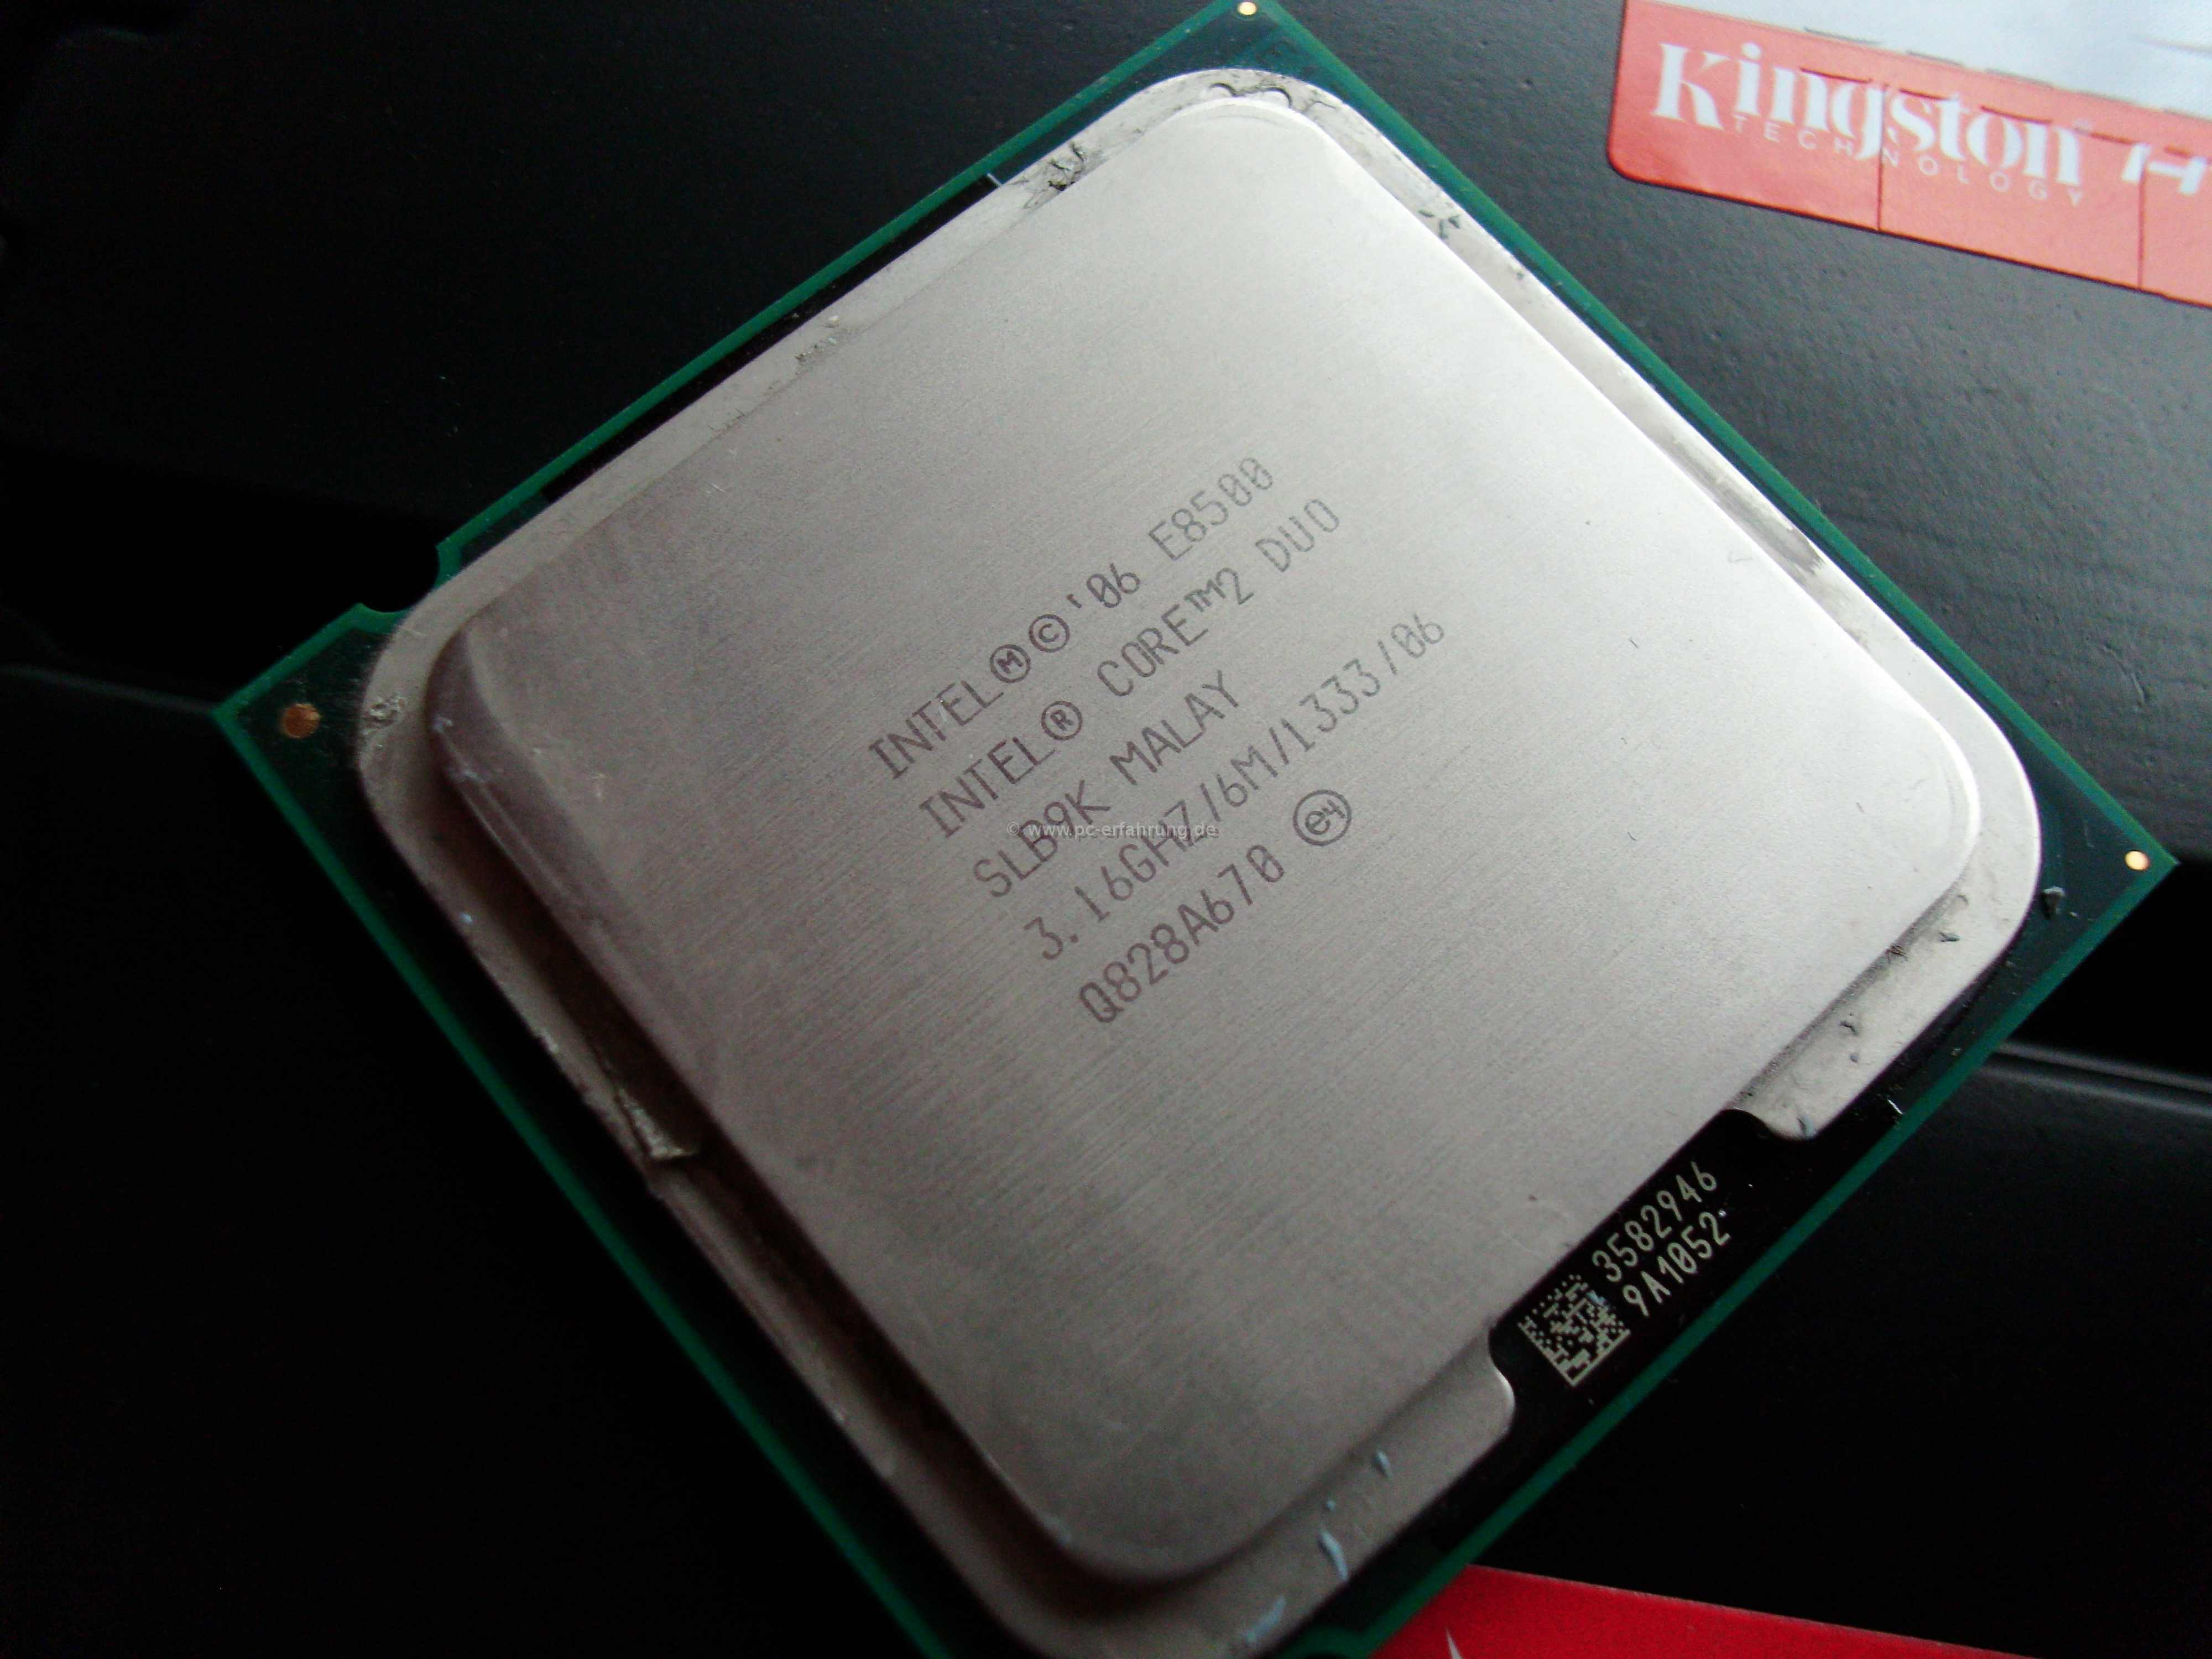 Intel Core 2 Duo E8500 Desktop Prozessor Technische Prosesor Informationen Und Spezifikationen Aus Der Prozessortabelle